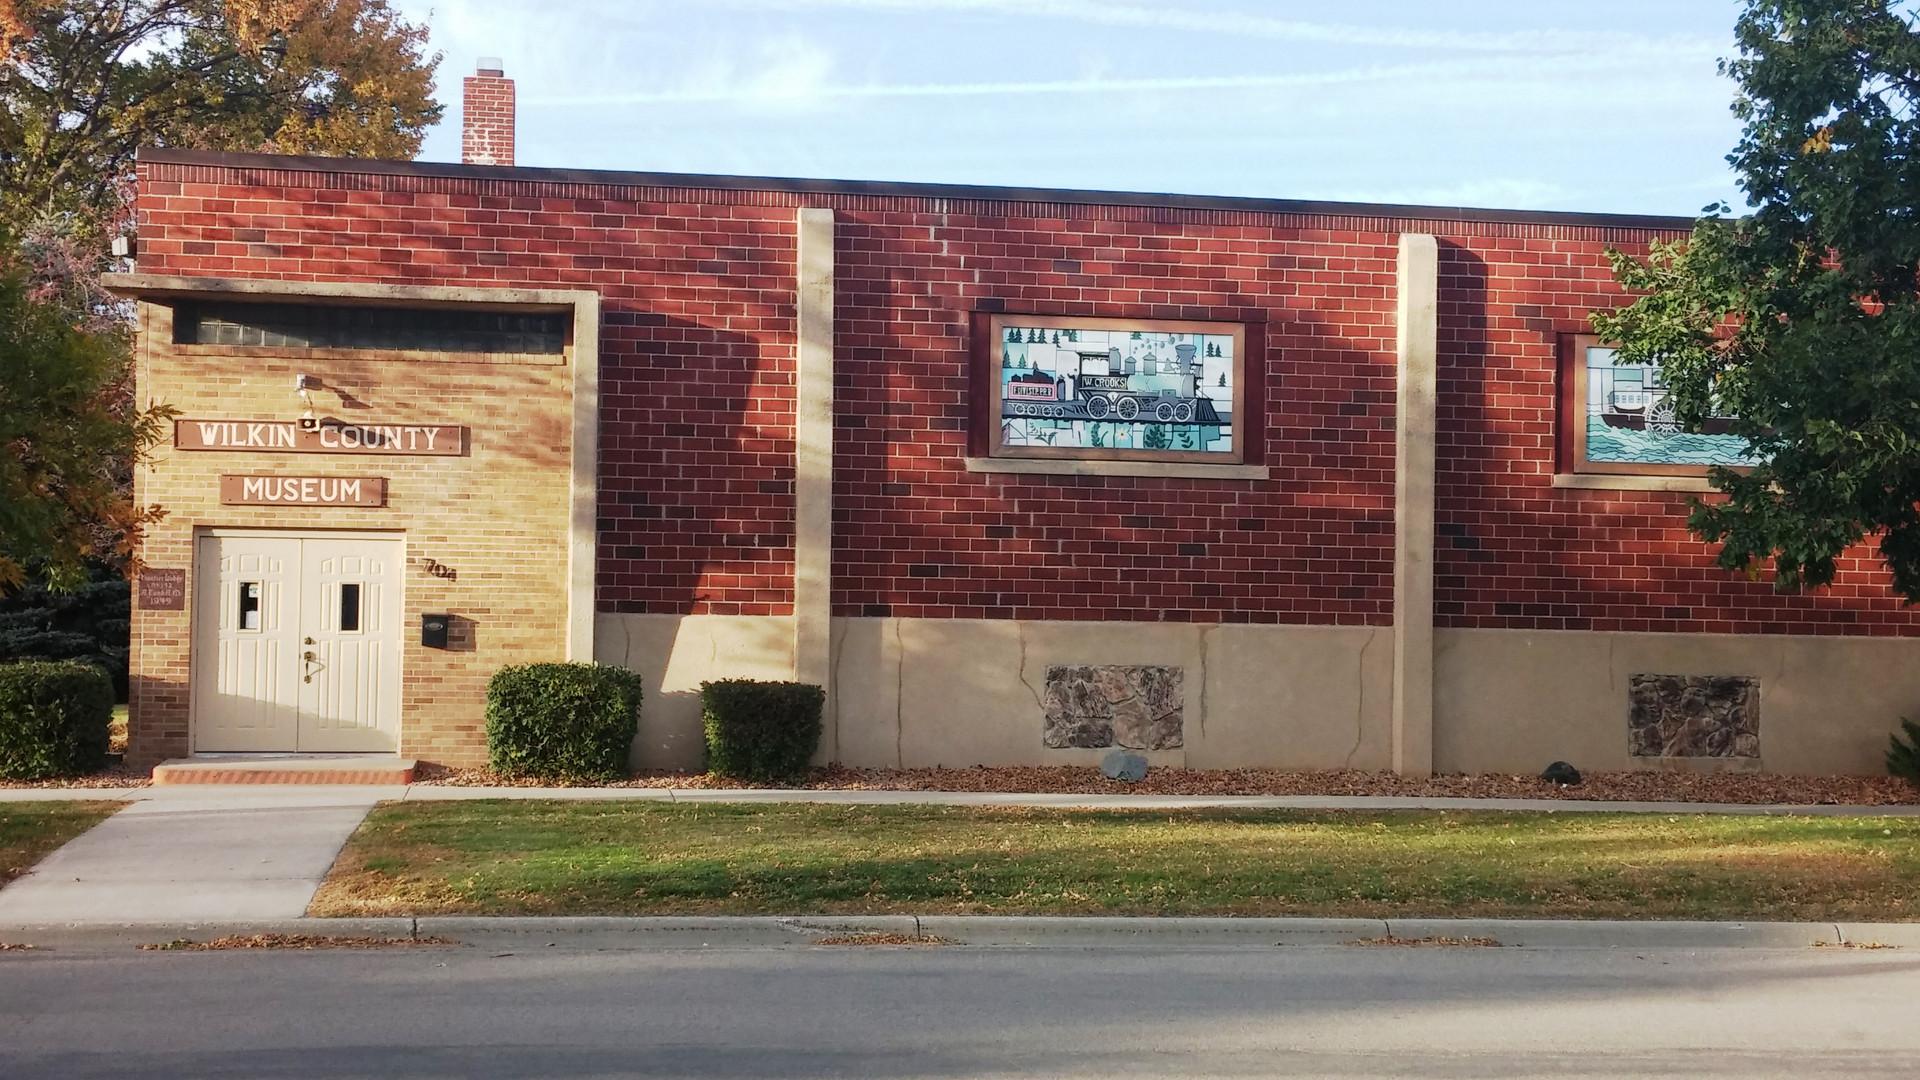 Wilkin County Museum (b) 10-8-14.jpg